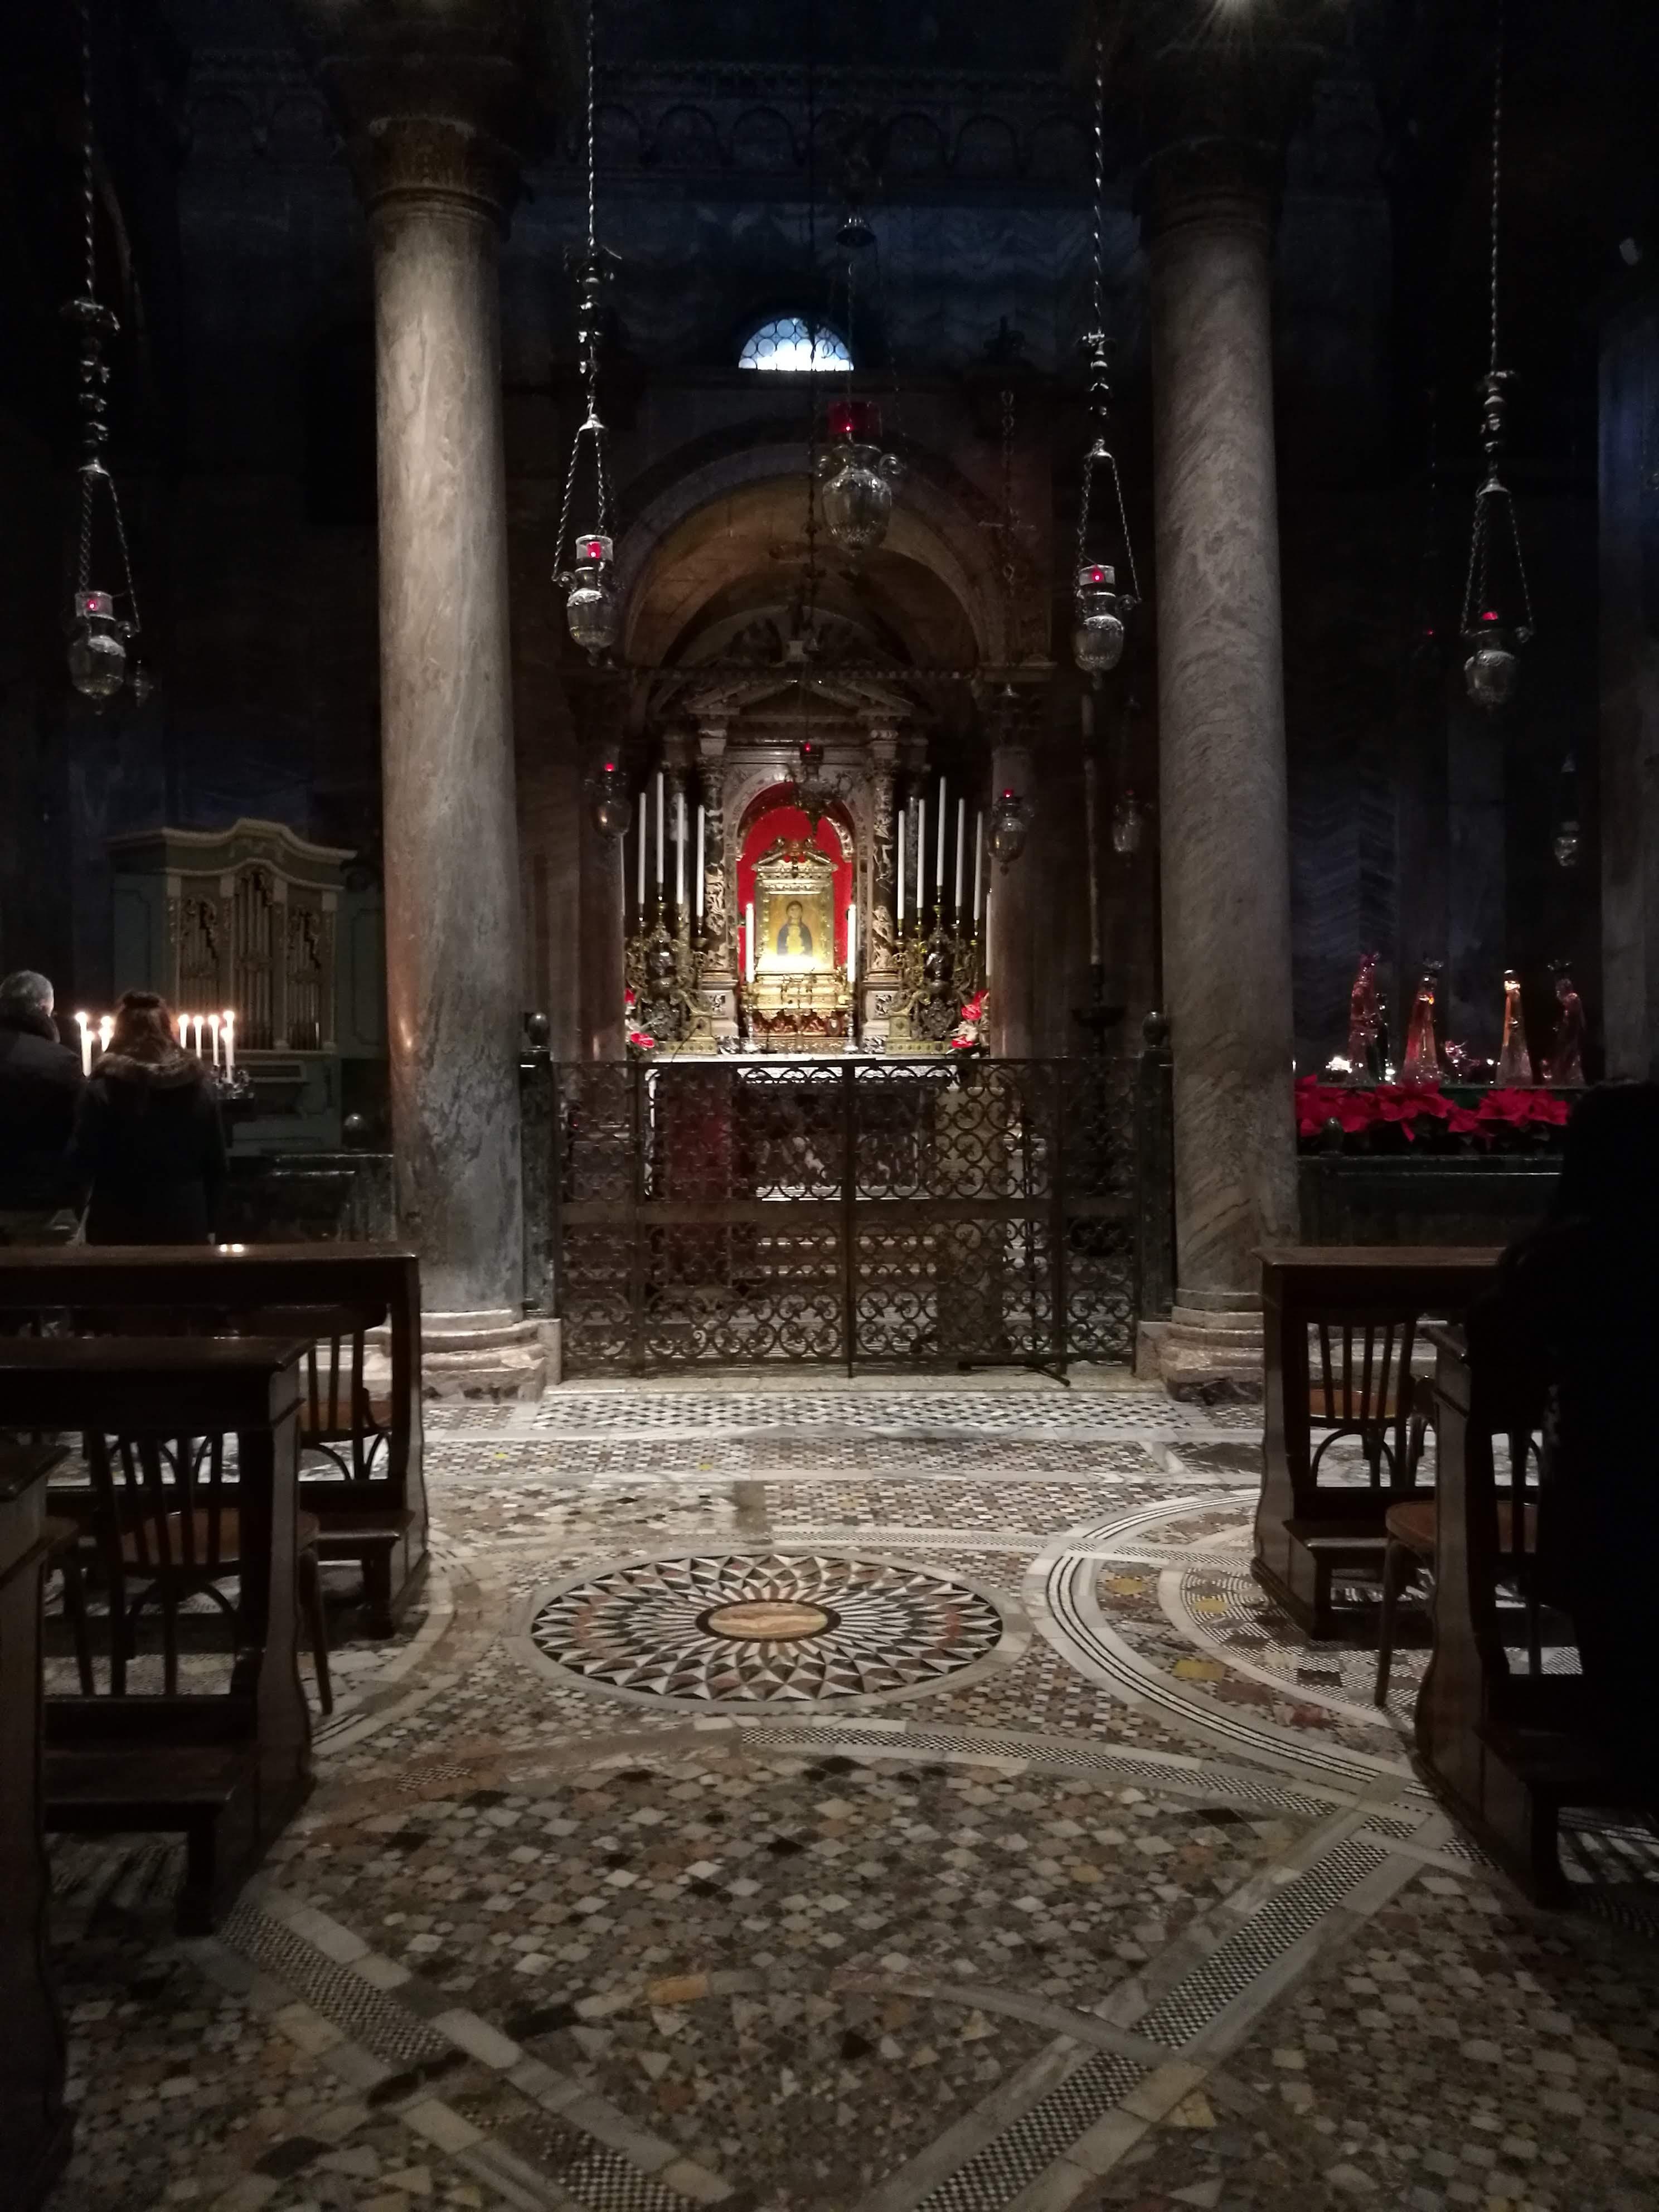 Внутреннее убранство в соборе Сан-Марко, Венеция